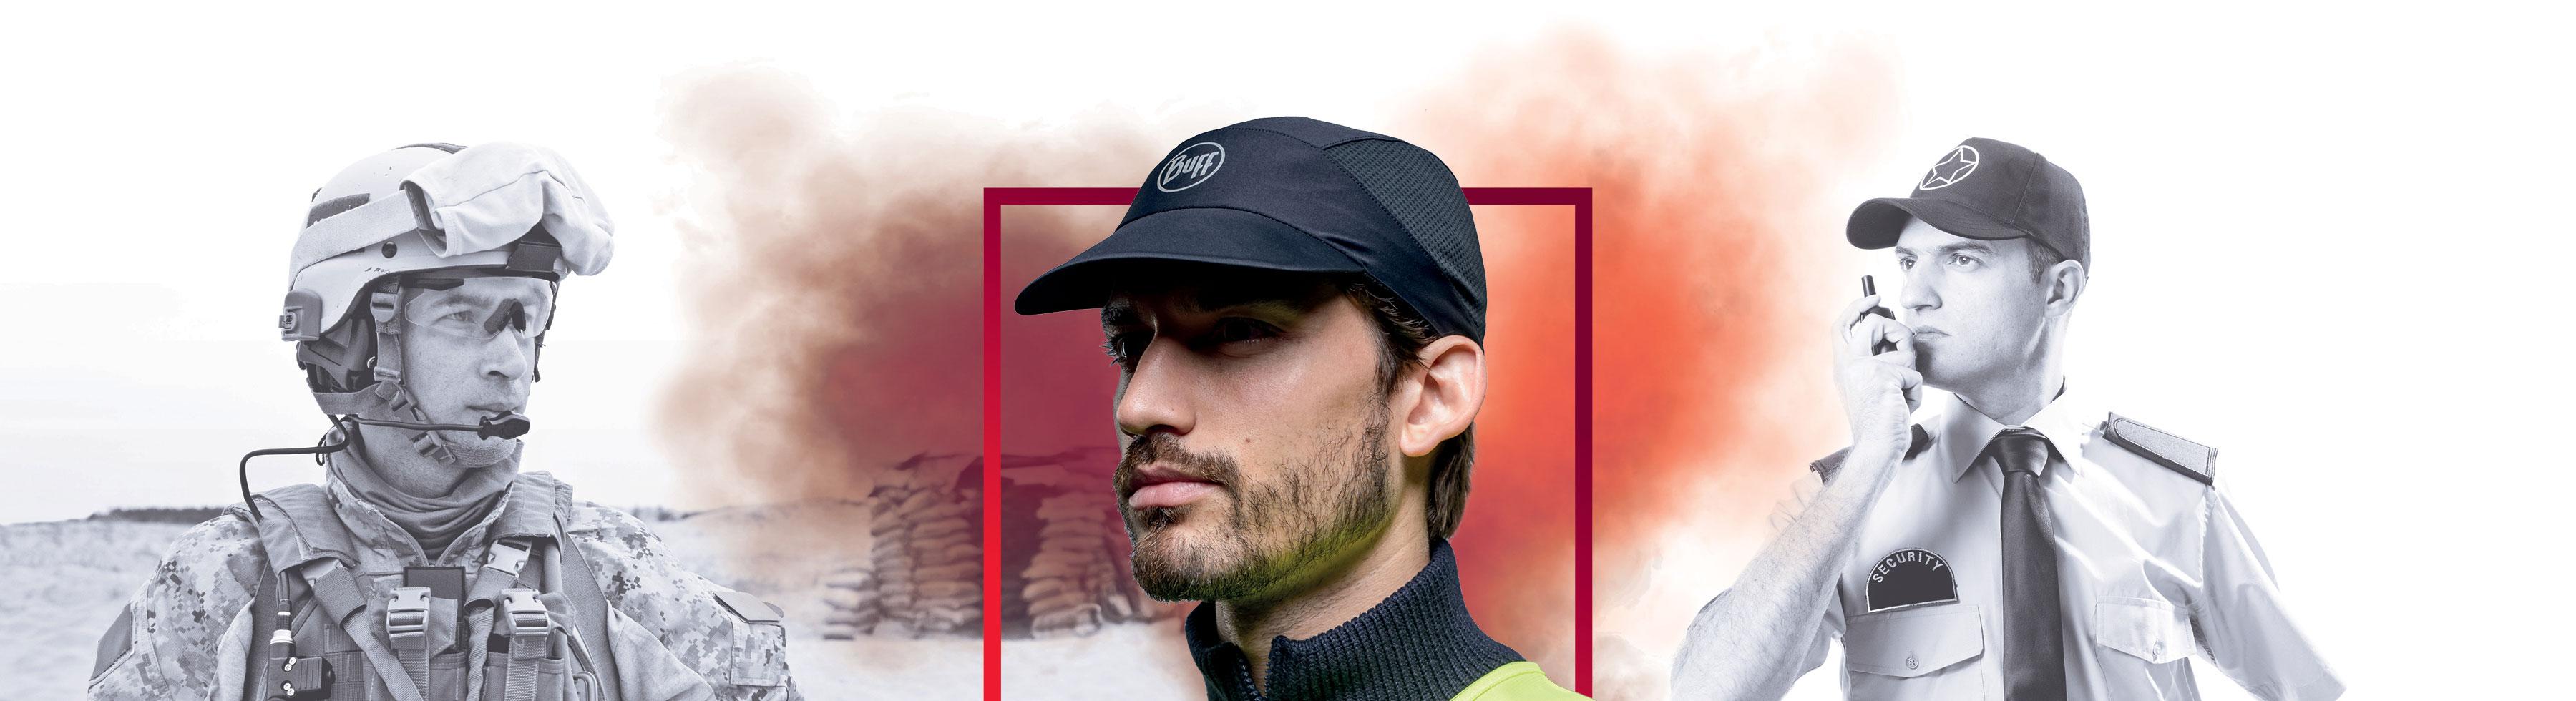 BUFF - Pack Cap - Hovedbeklædning - kasket - hat til industri og profesionelle